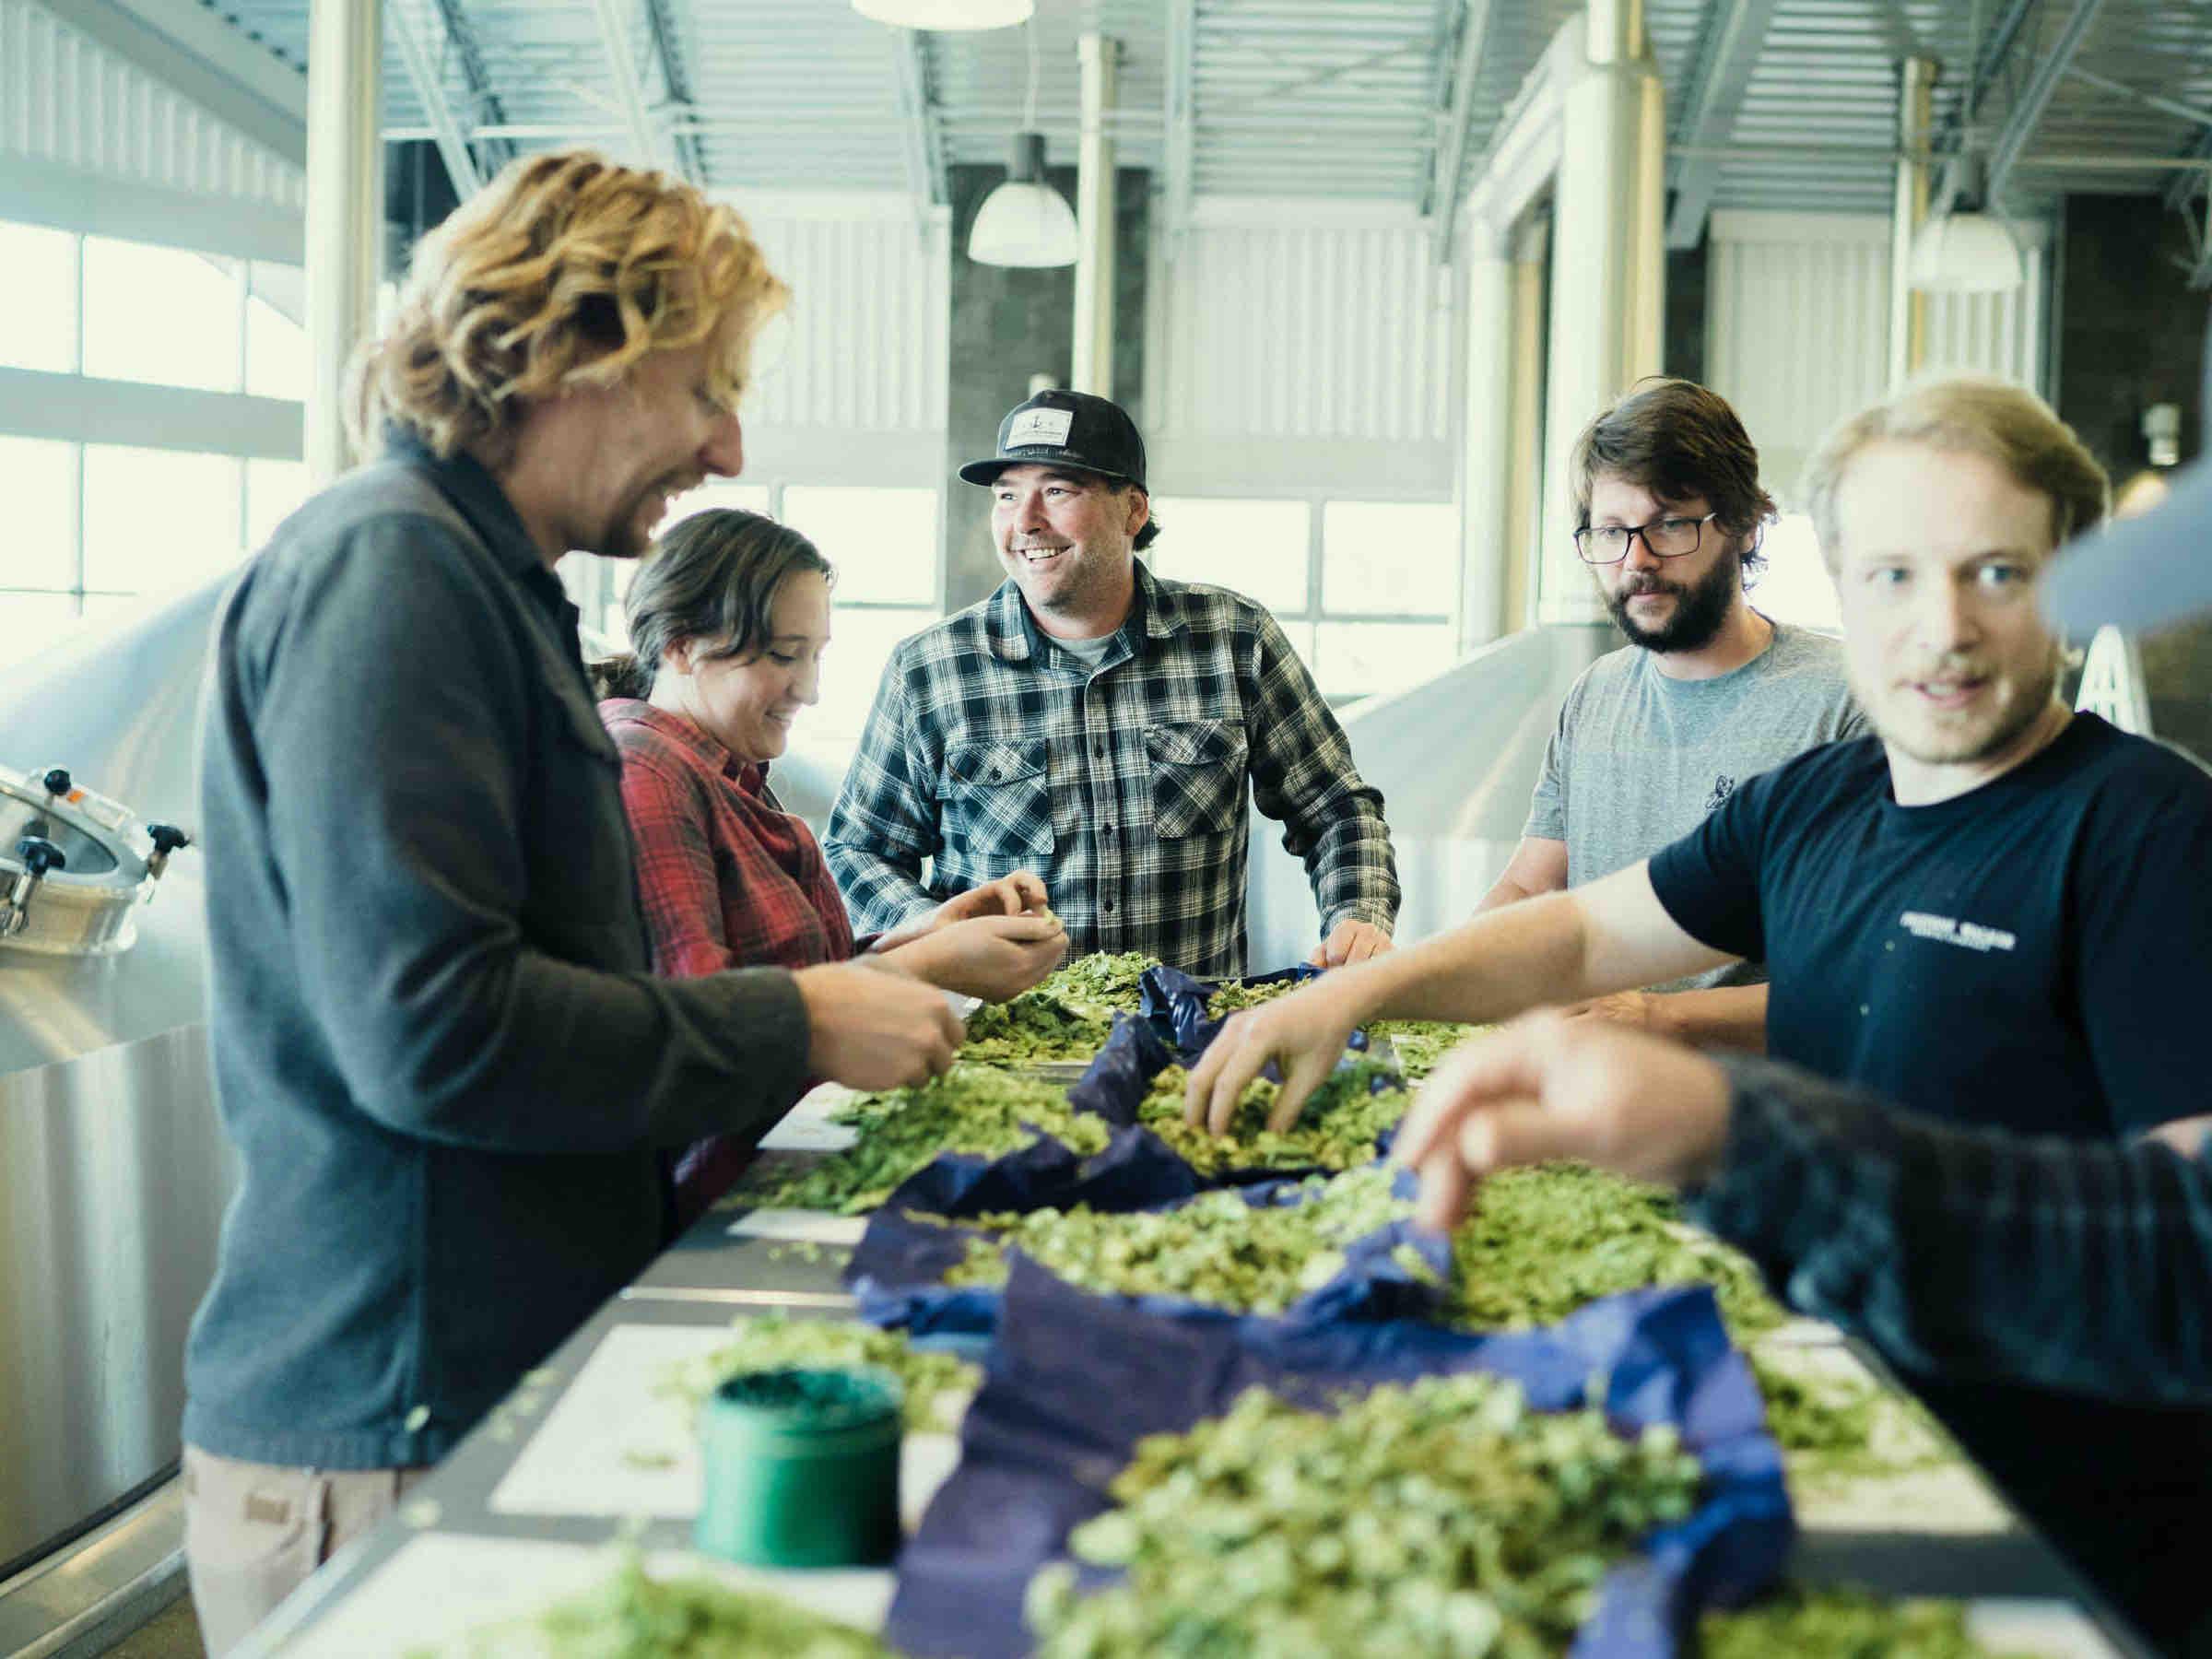 image of rubbing New Zealand grown hops courtesy of Firestone Walker Brewing